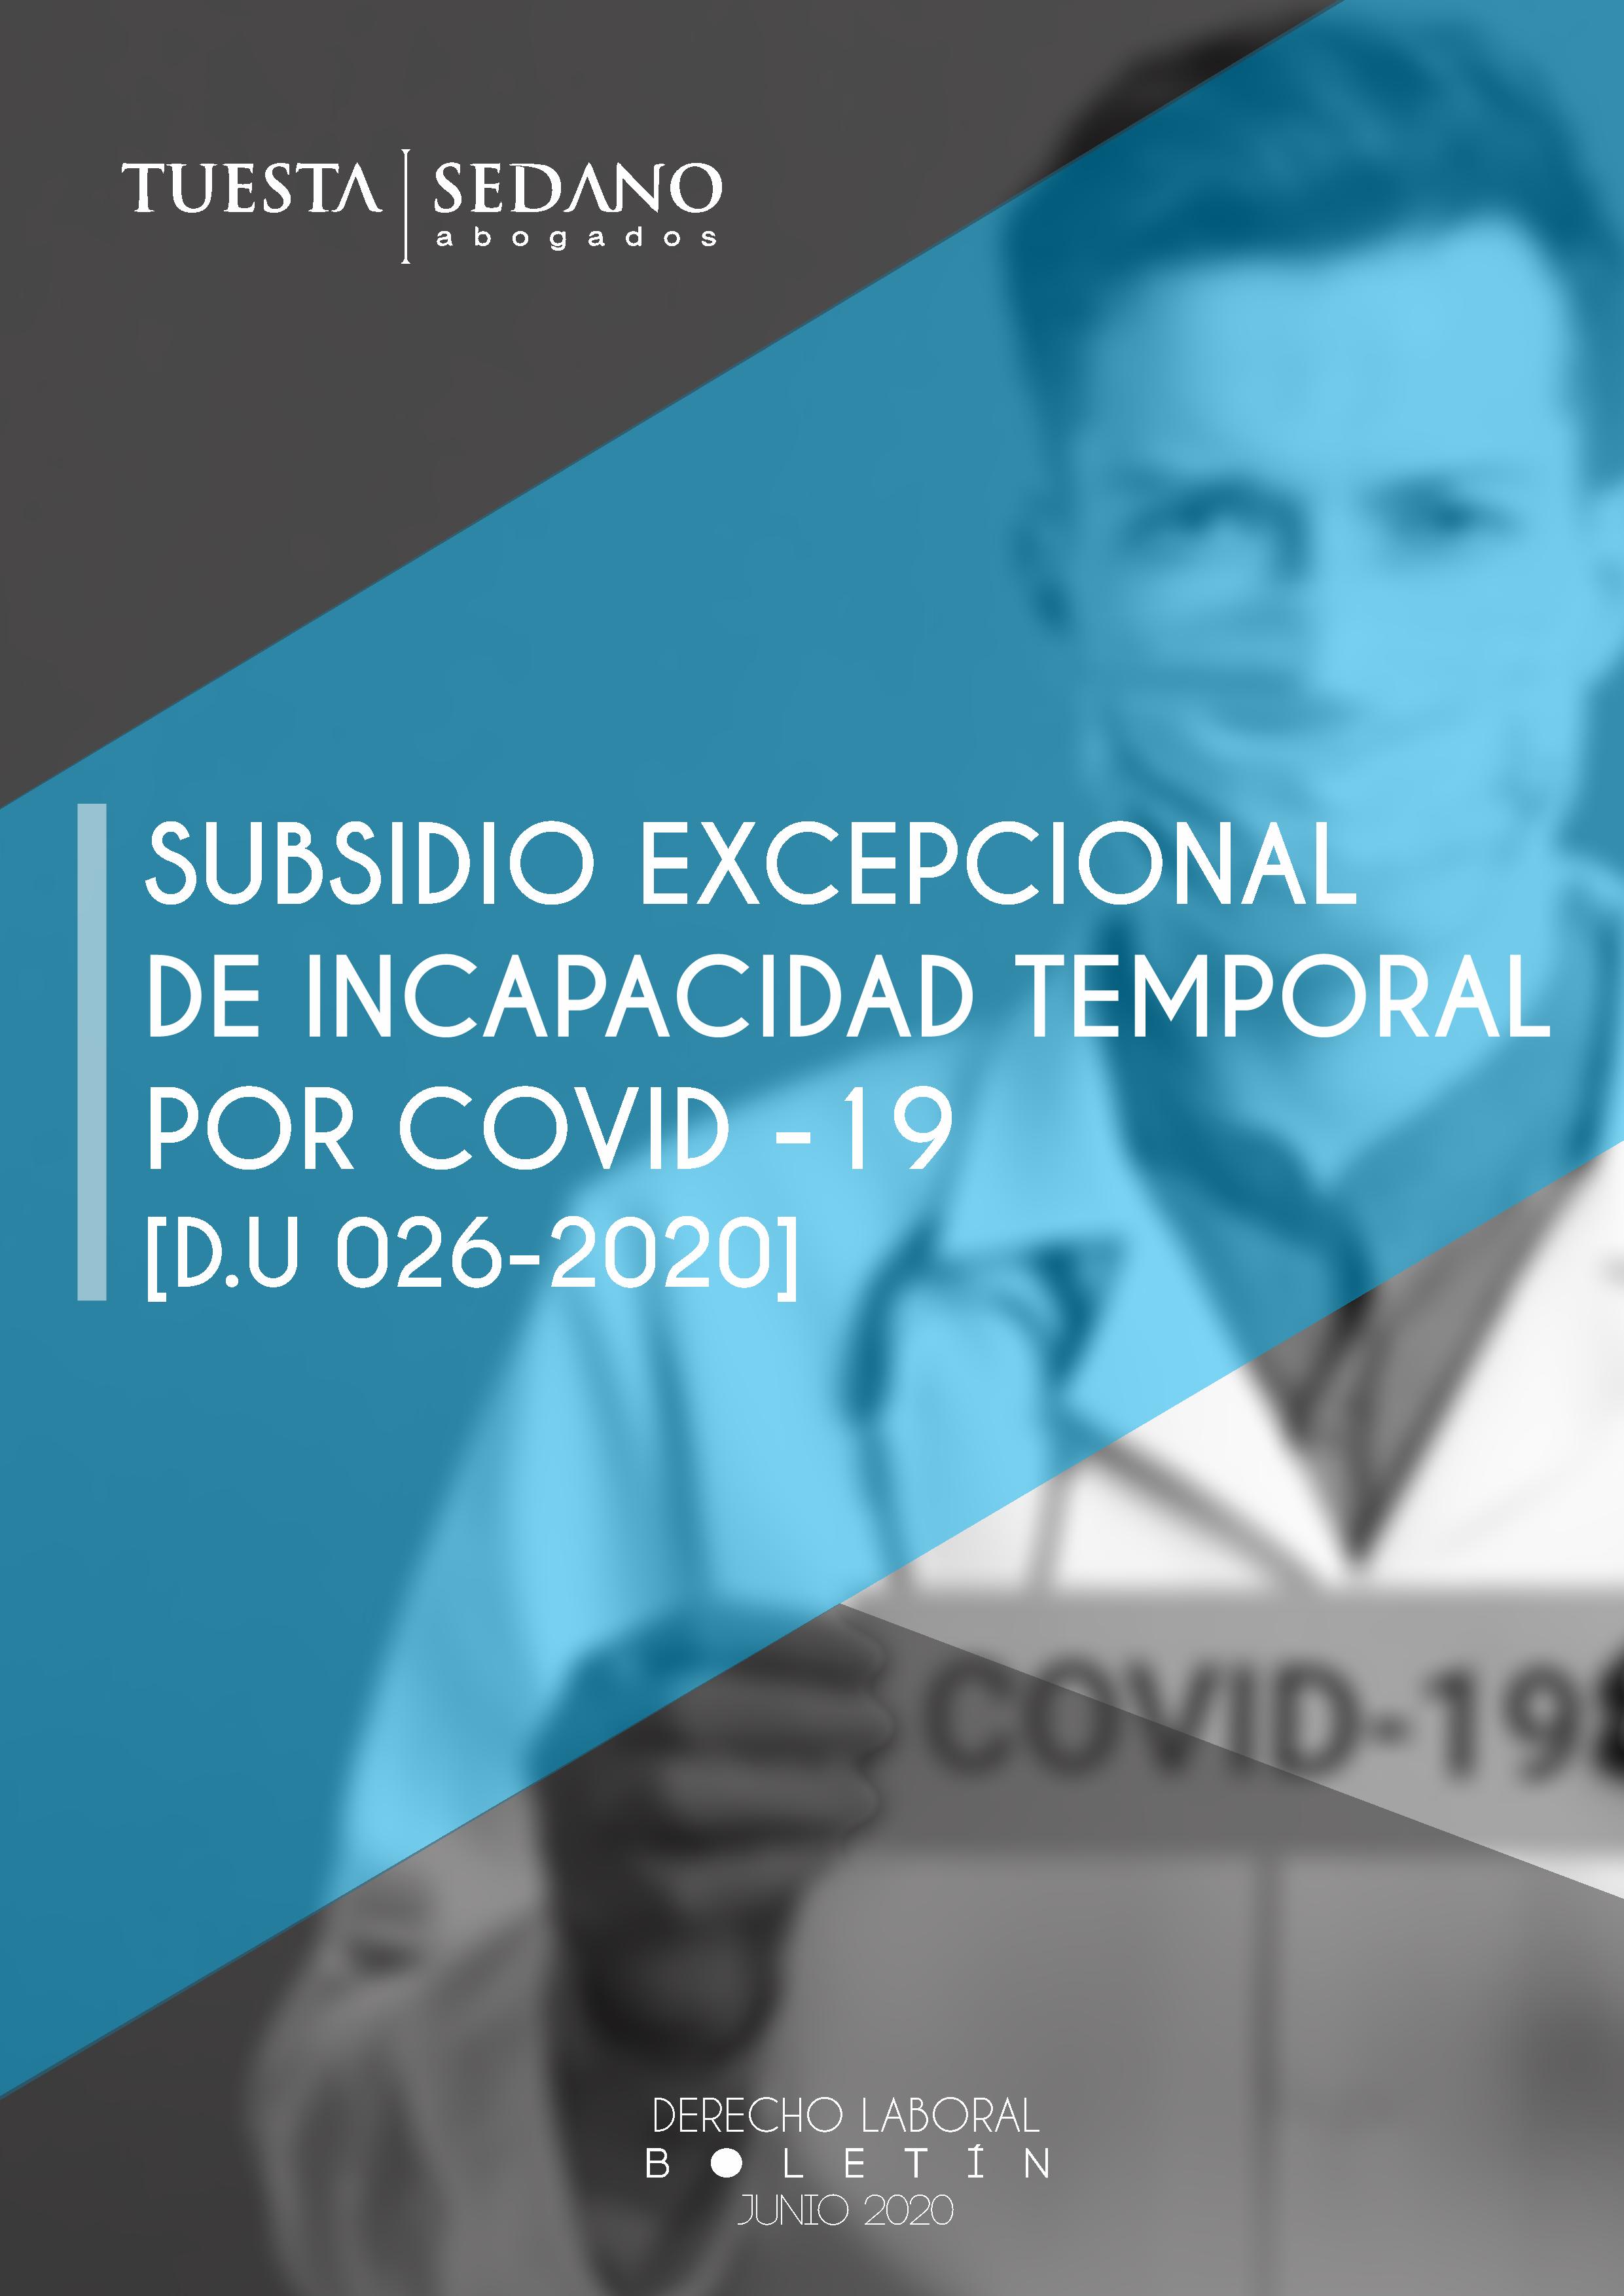 SUBSIDIO EXCEPCIONAL DE INCAPACIDAD TEMPORAL POR COVID -19 [D.U 026-2020]